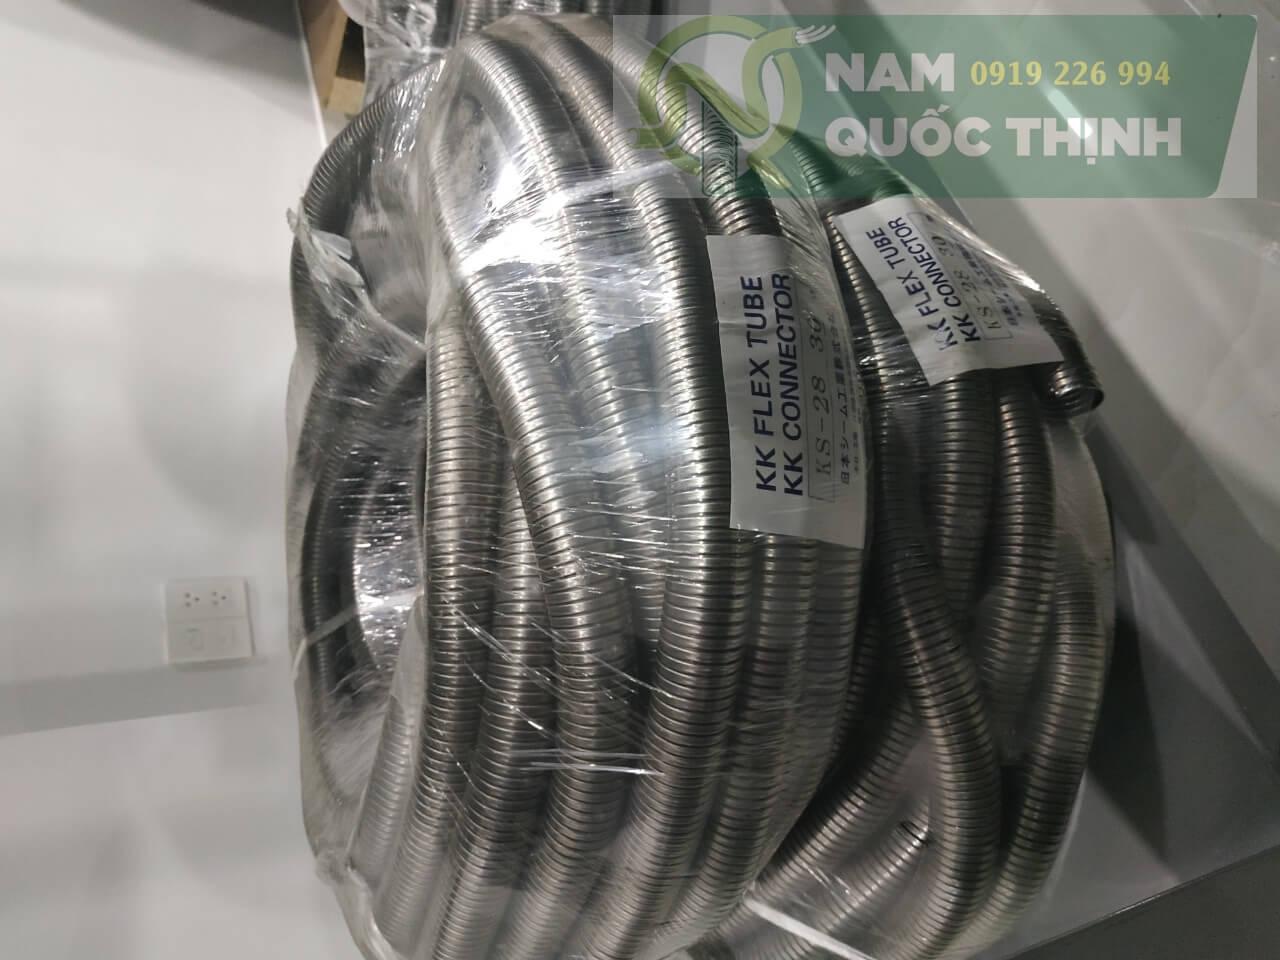 Ống ruột gà inox luồn dây điện nippon seam